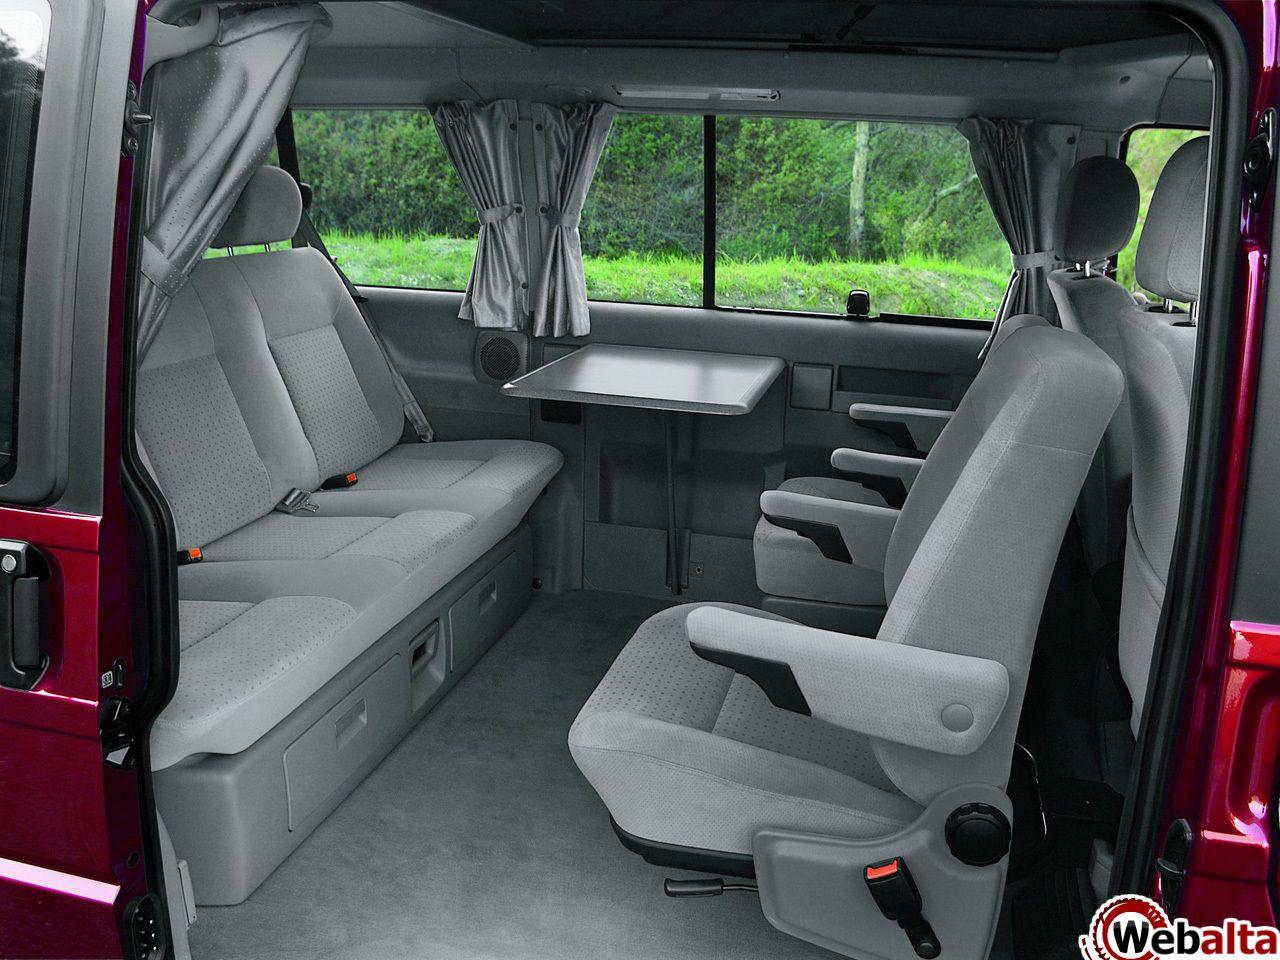 honda element camper conversion kit car pinterest honda element camper conversion and honda. Black Bedroom Furniture Sets. Home Design Ideas